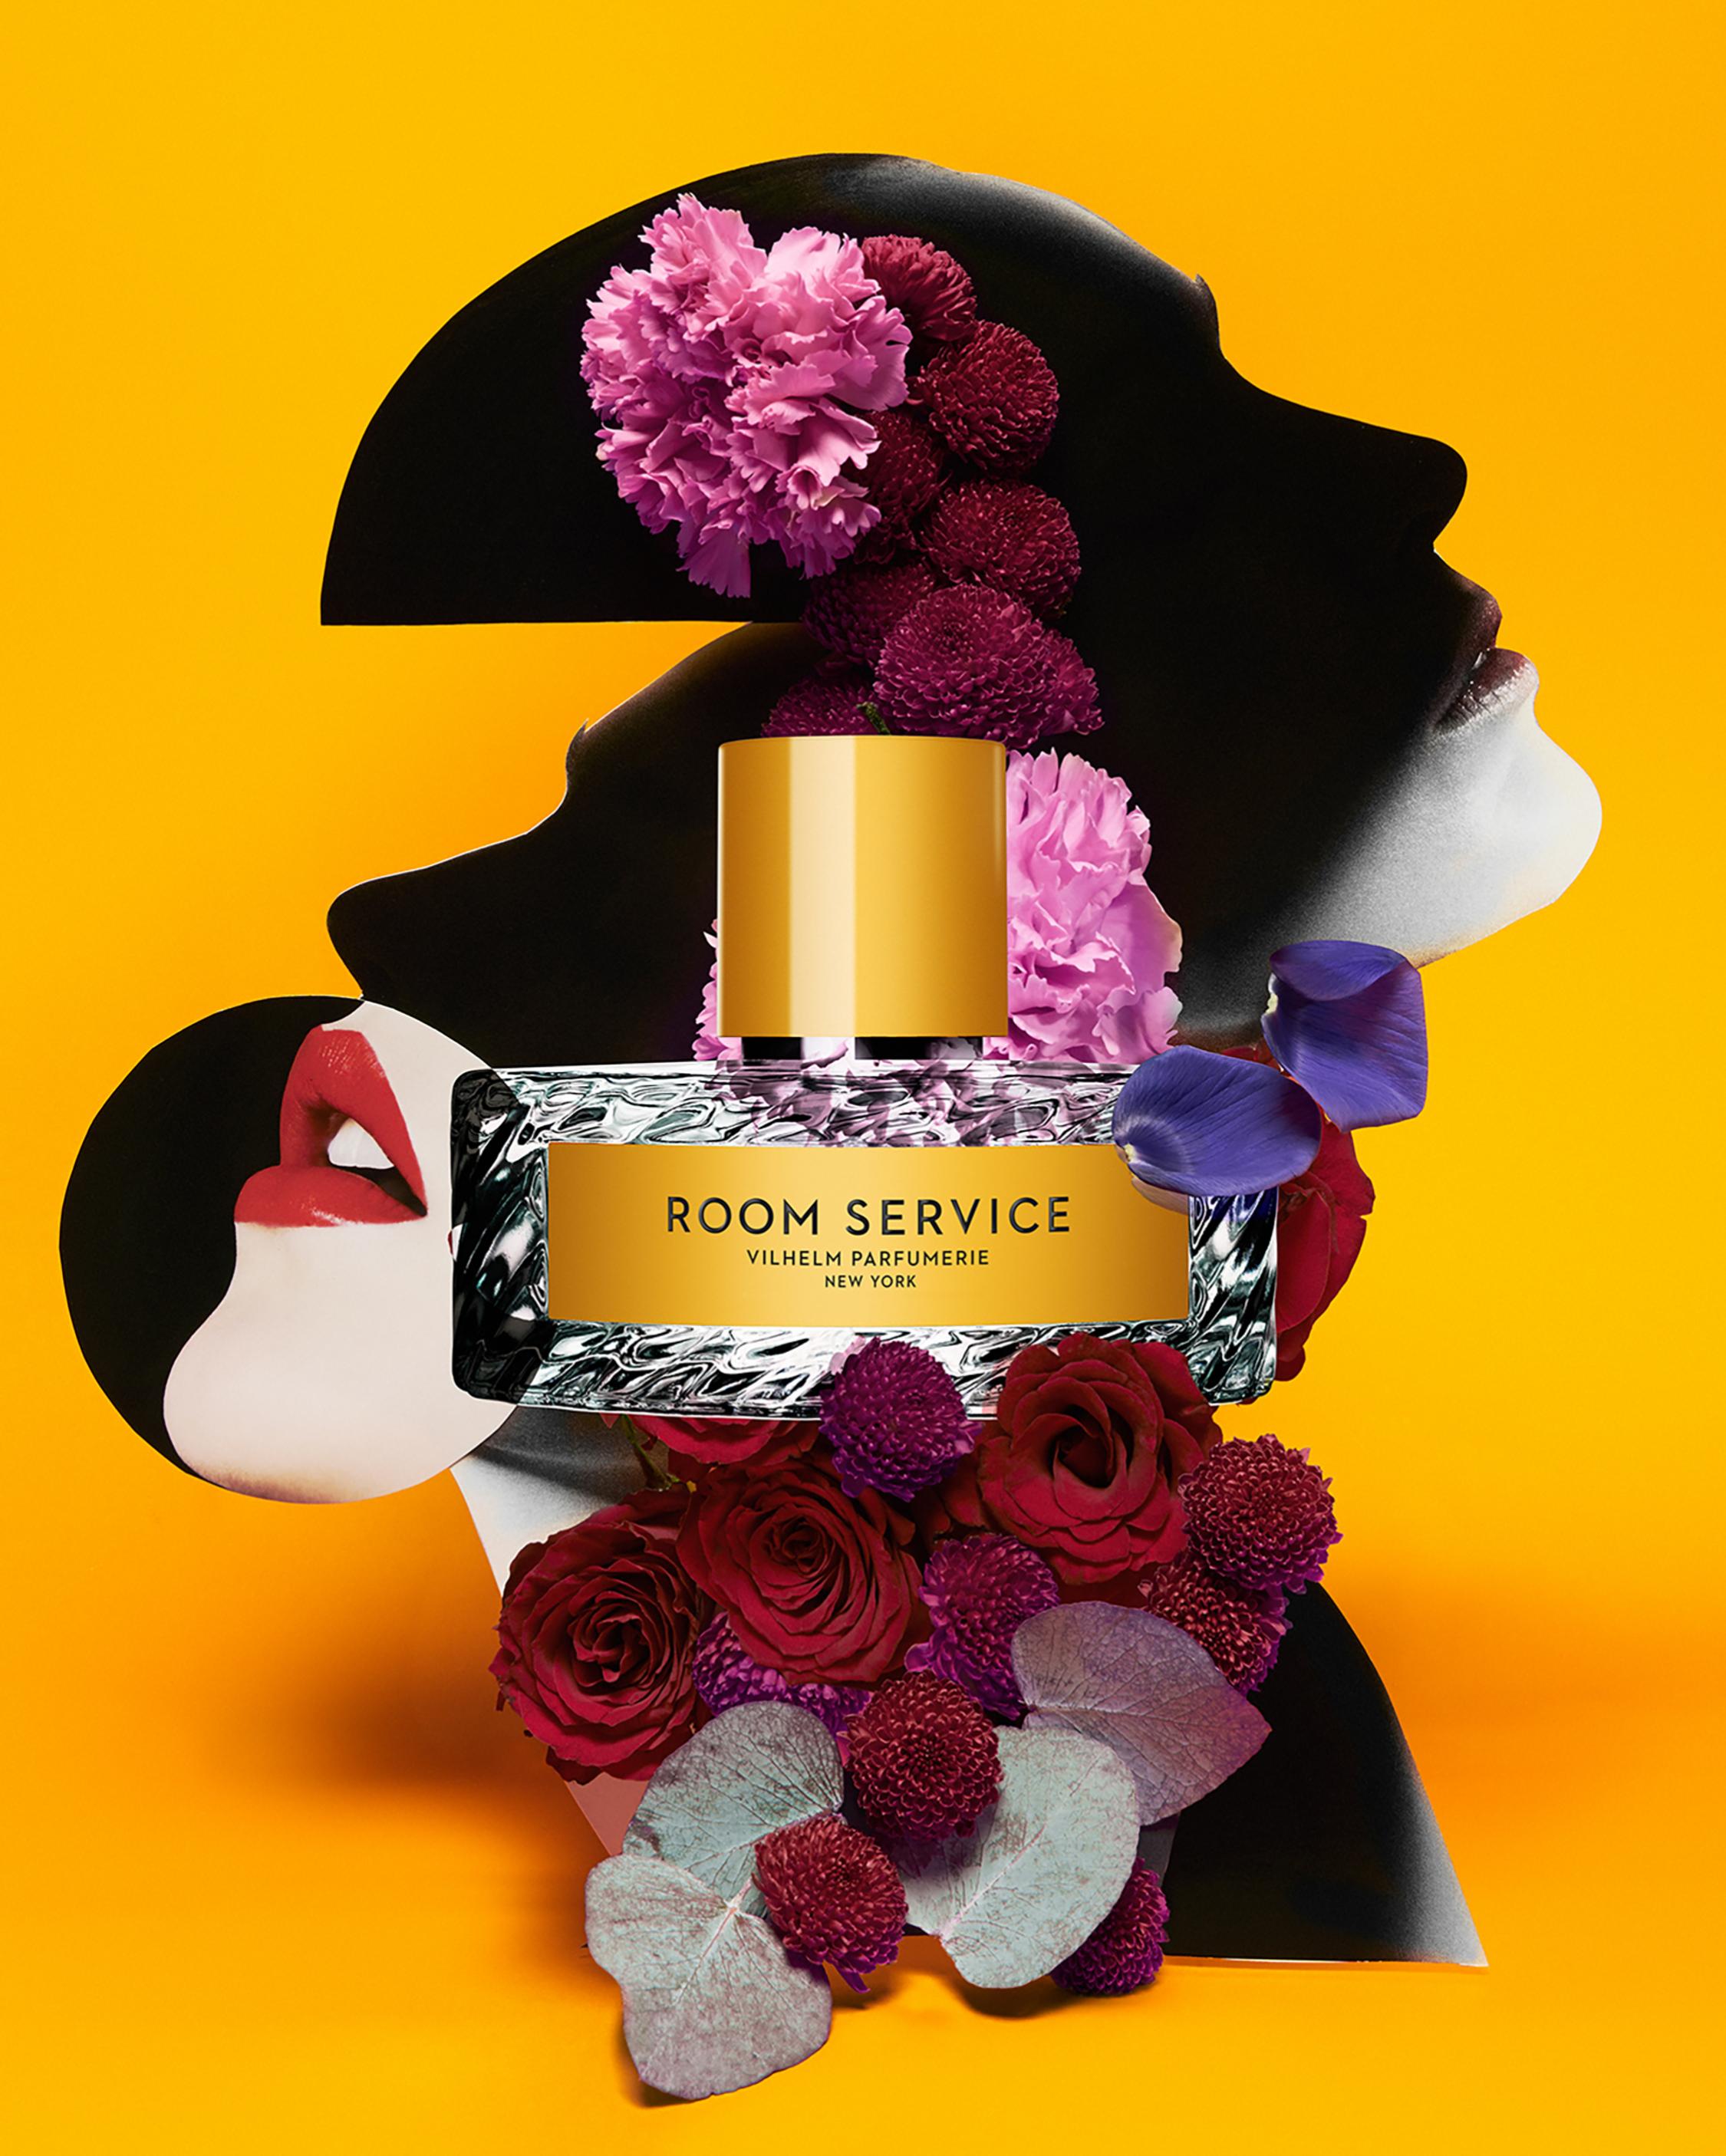 Vilhelm Perfumerie Room Service Eau de Parfum 50ml 2